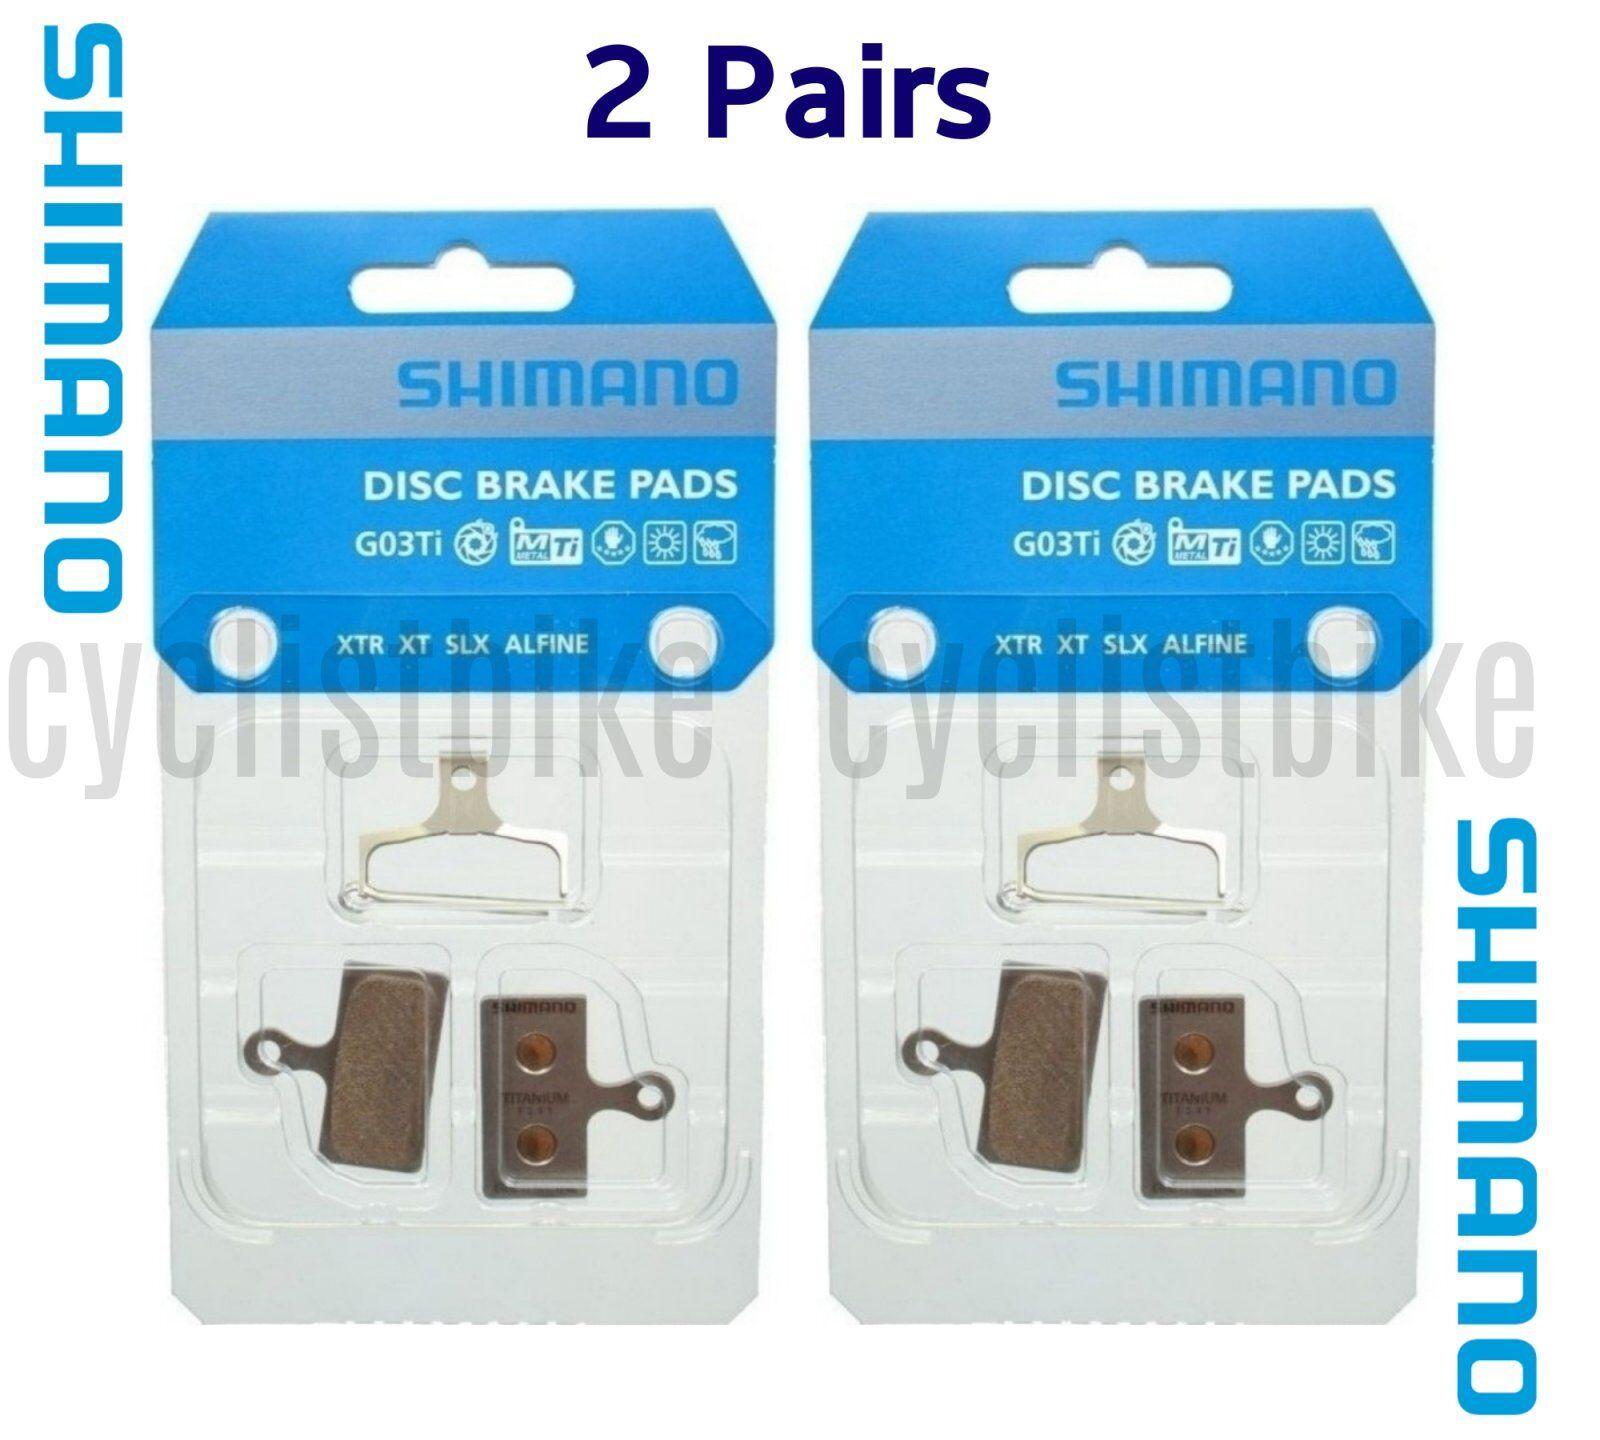 (2 Pairs) Shimano G03Ti Metal Disc Brake Pad Pair &  Spring w Split Pin NIB  free shipping on all orders